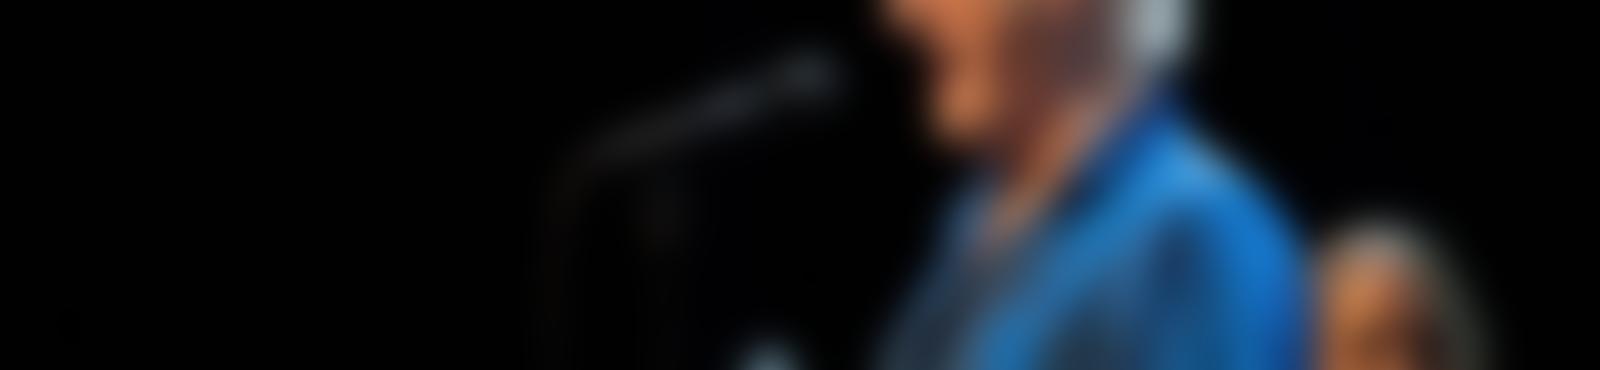 Blurred 580413e6 2f19 4f45 9a79 3d02f4a50218